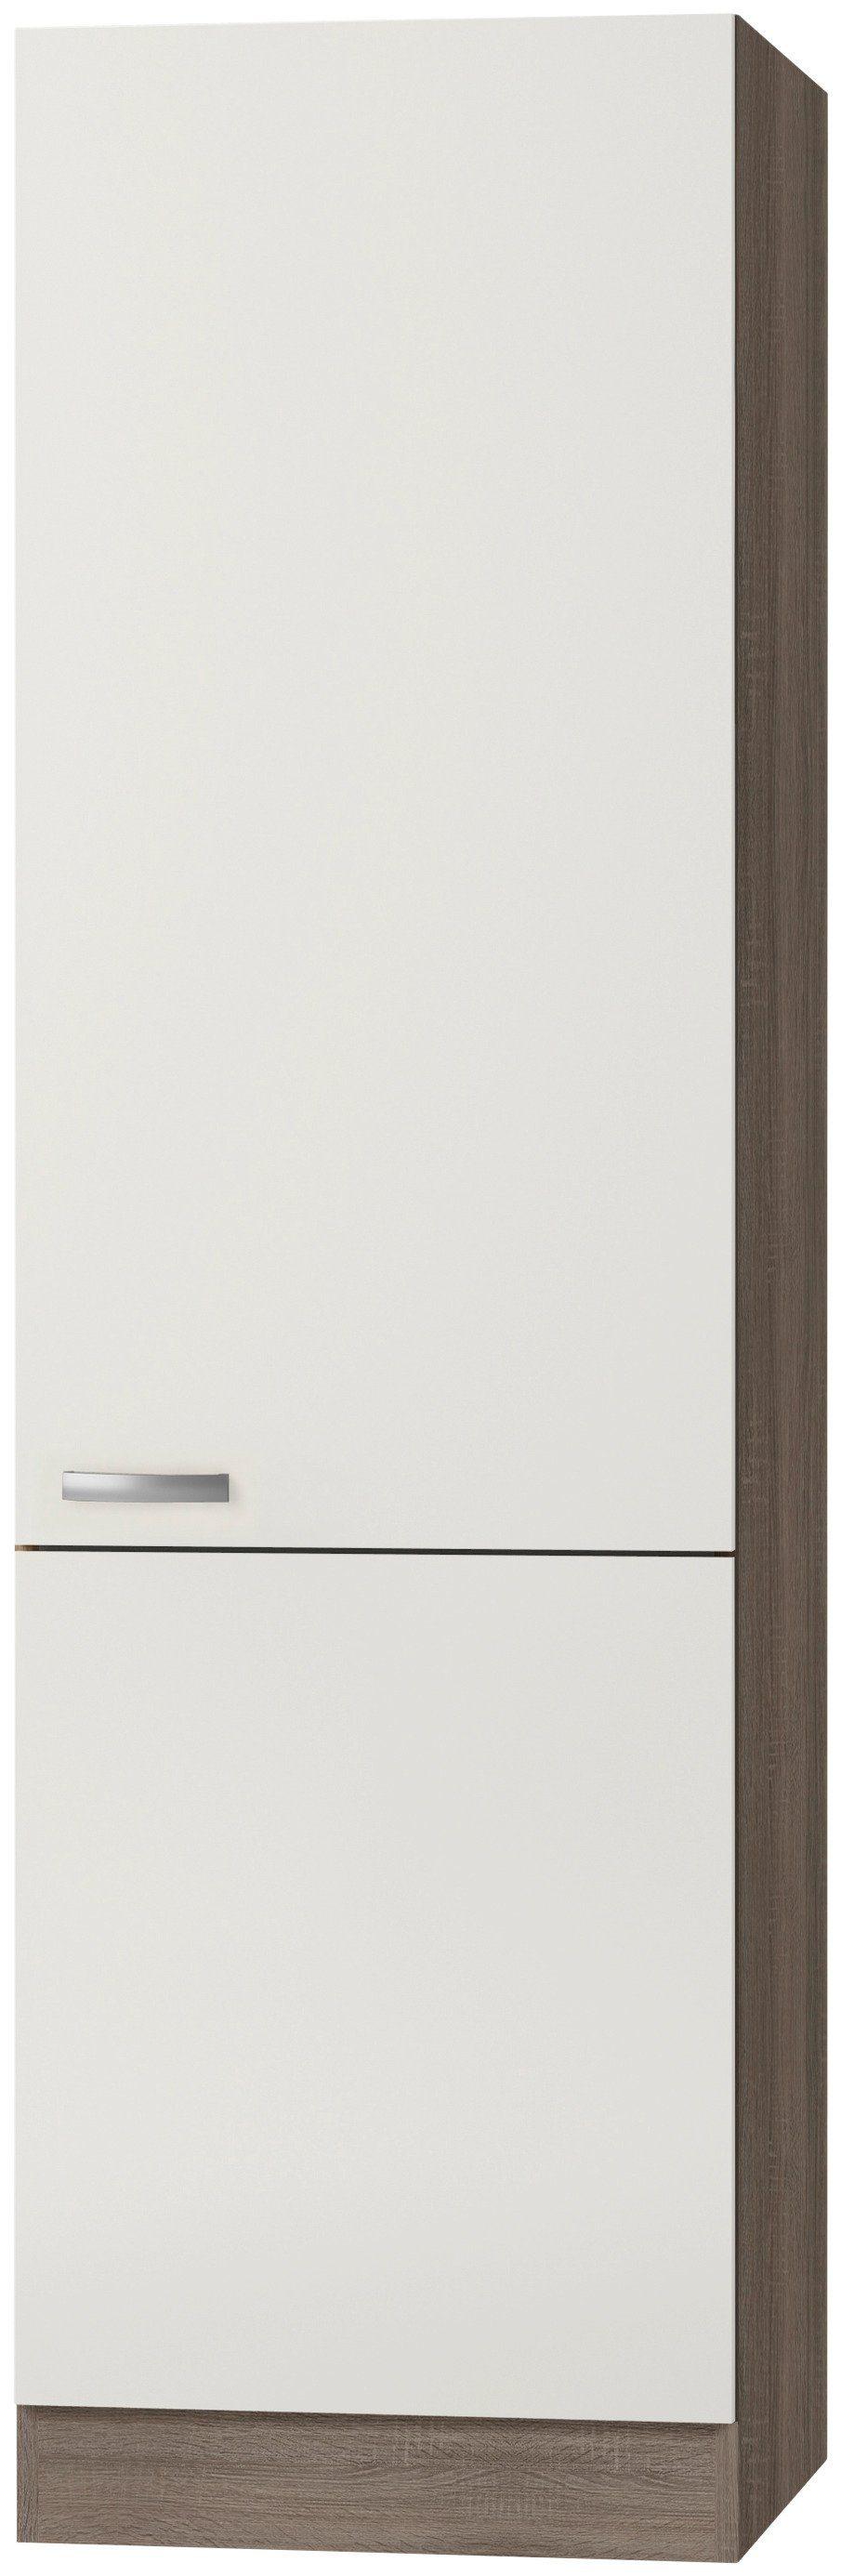 Vorratsschrank »Rom«, Breite 60 cm